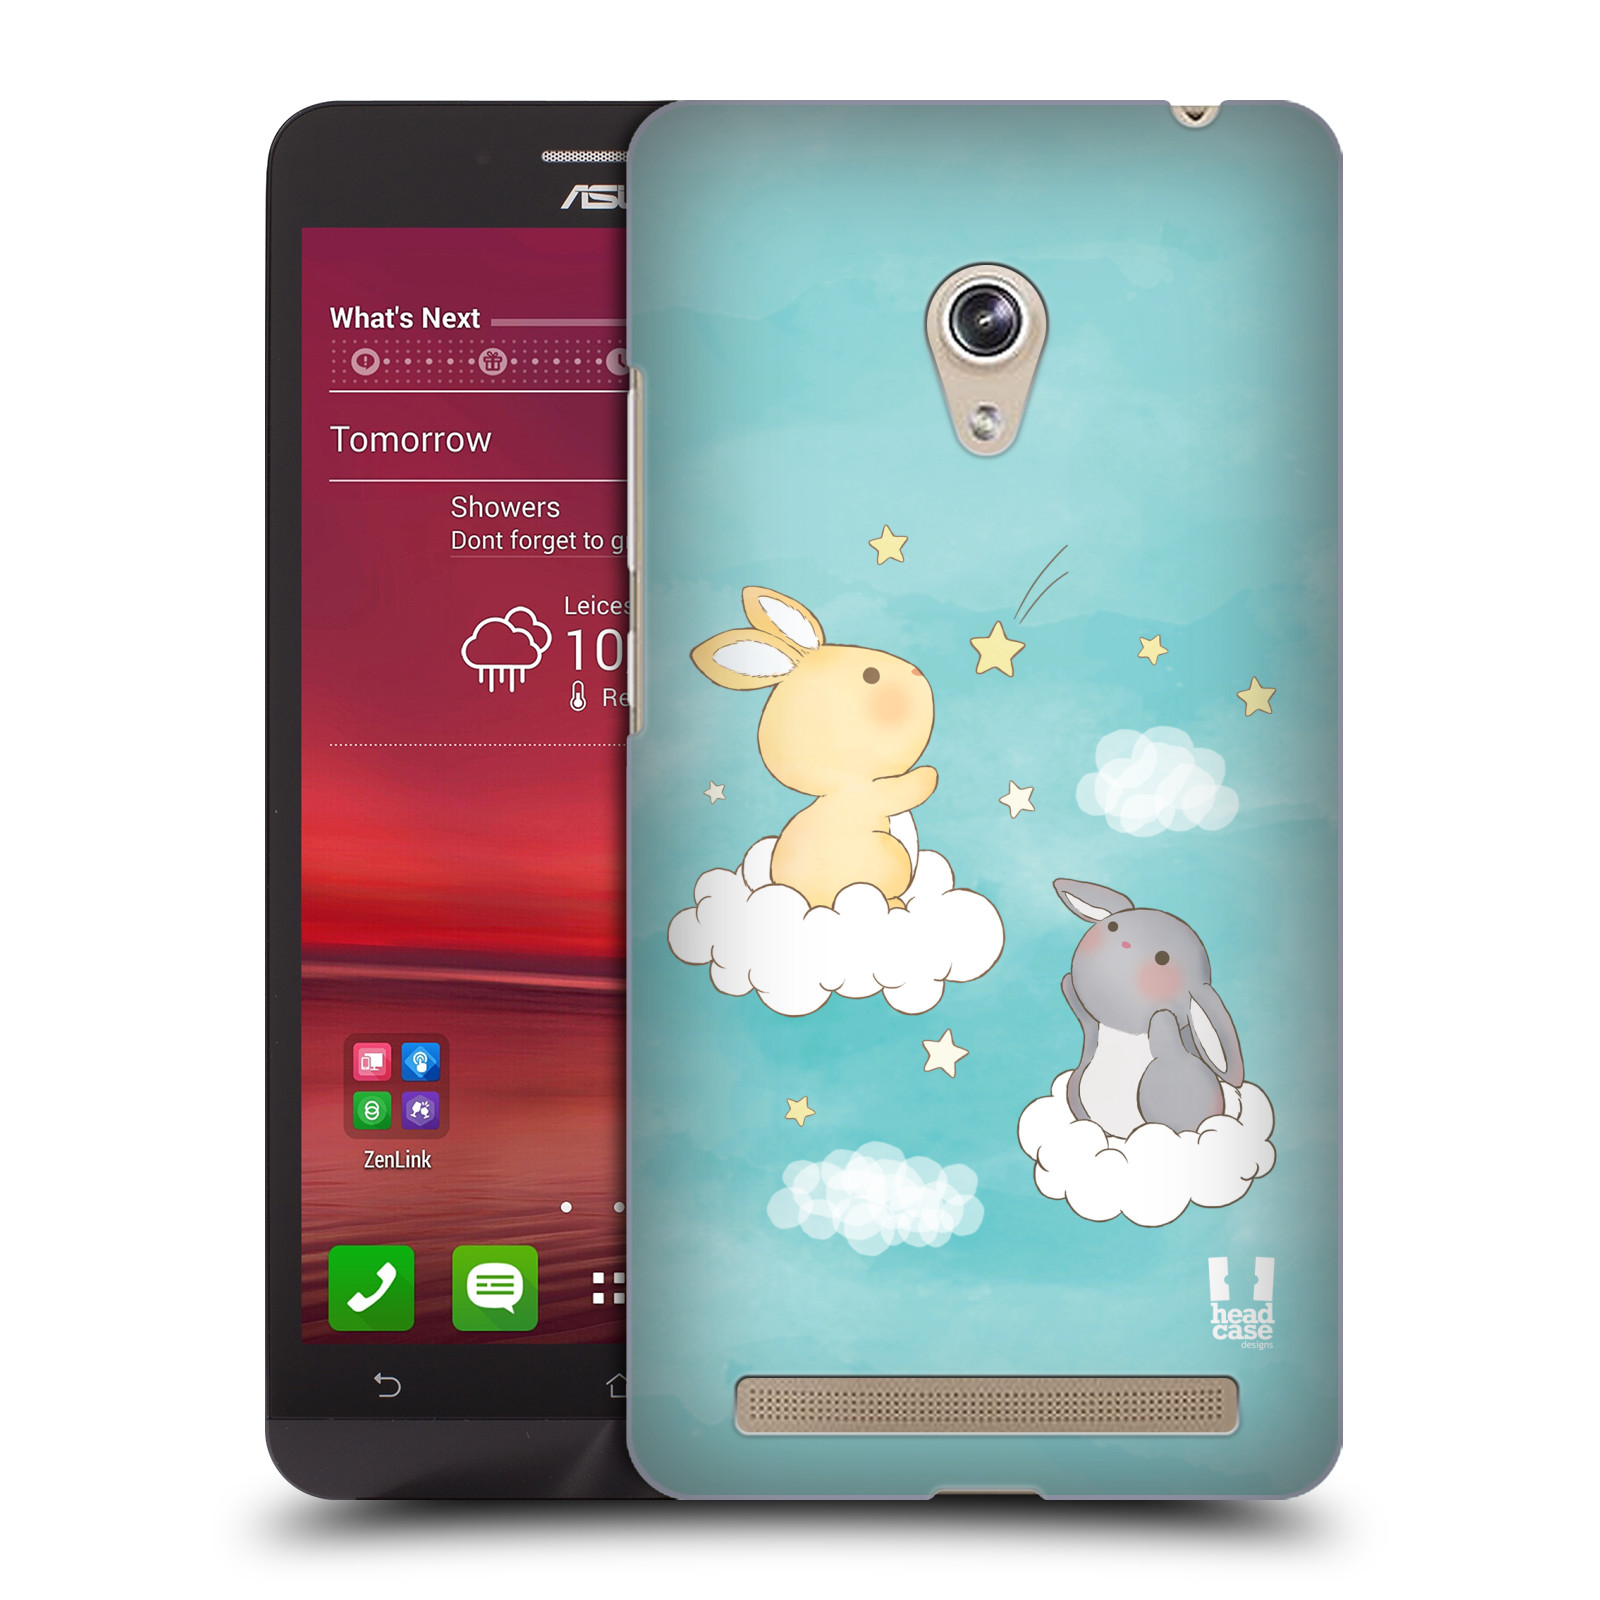 HEAD CASE plastový obal na mobil Asus Zenfone 6 vzor králíček a hvězdy modrá